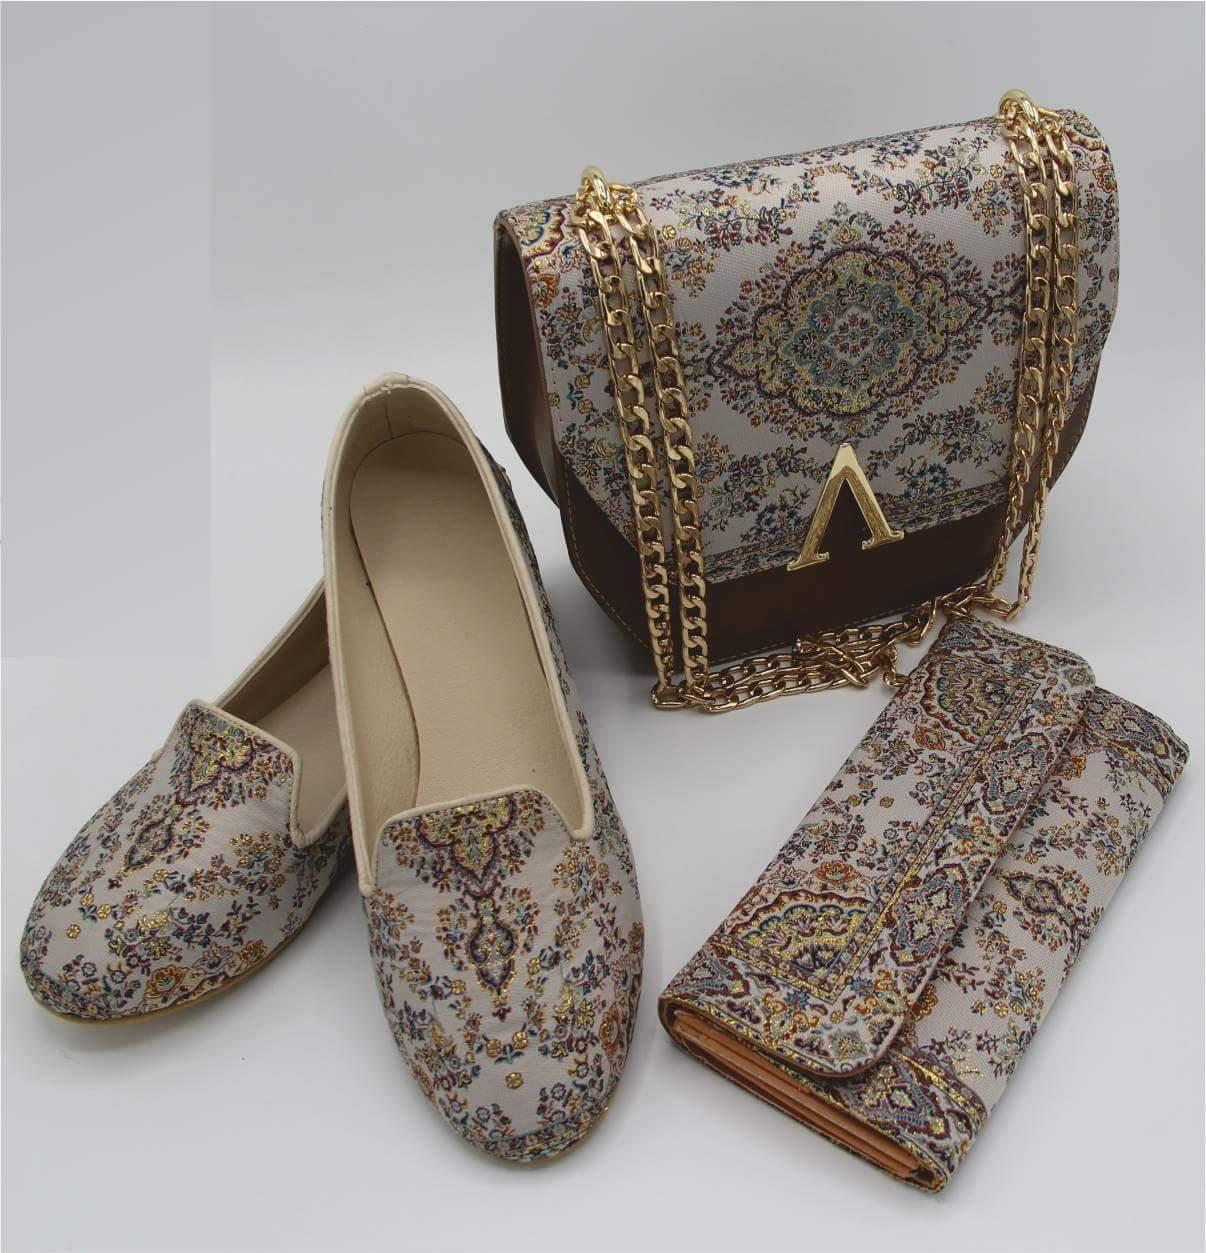 Carpet Design Handbag